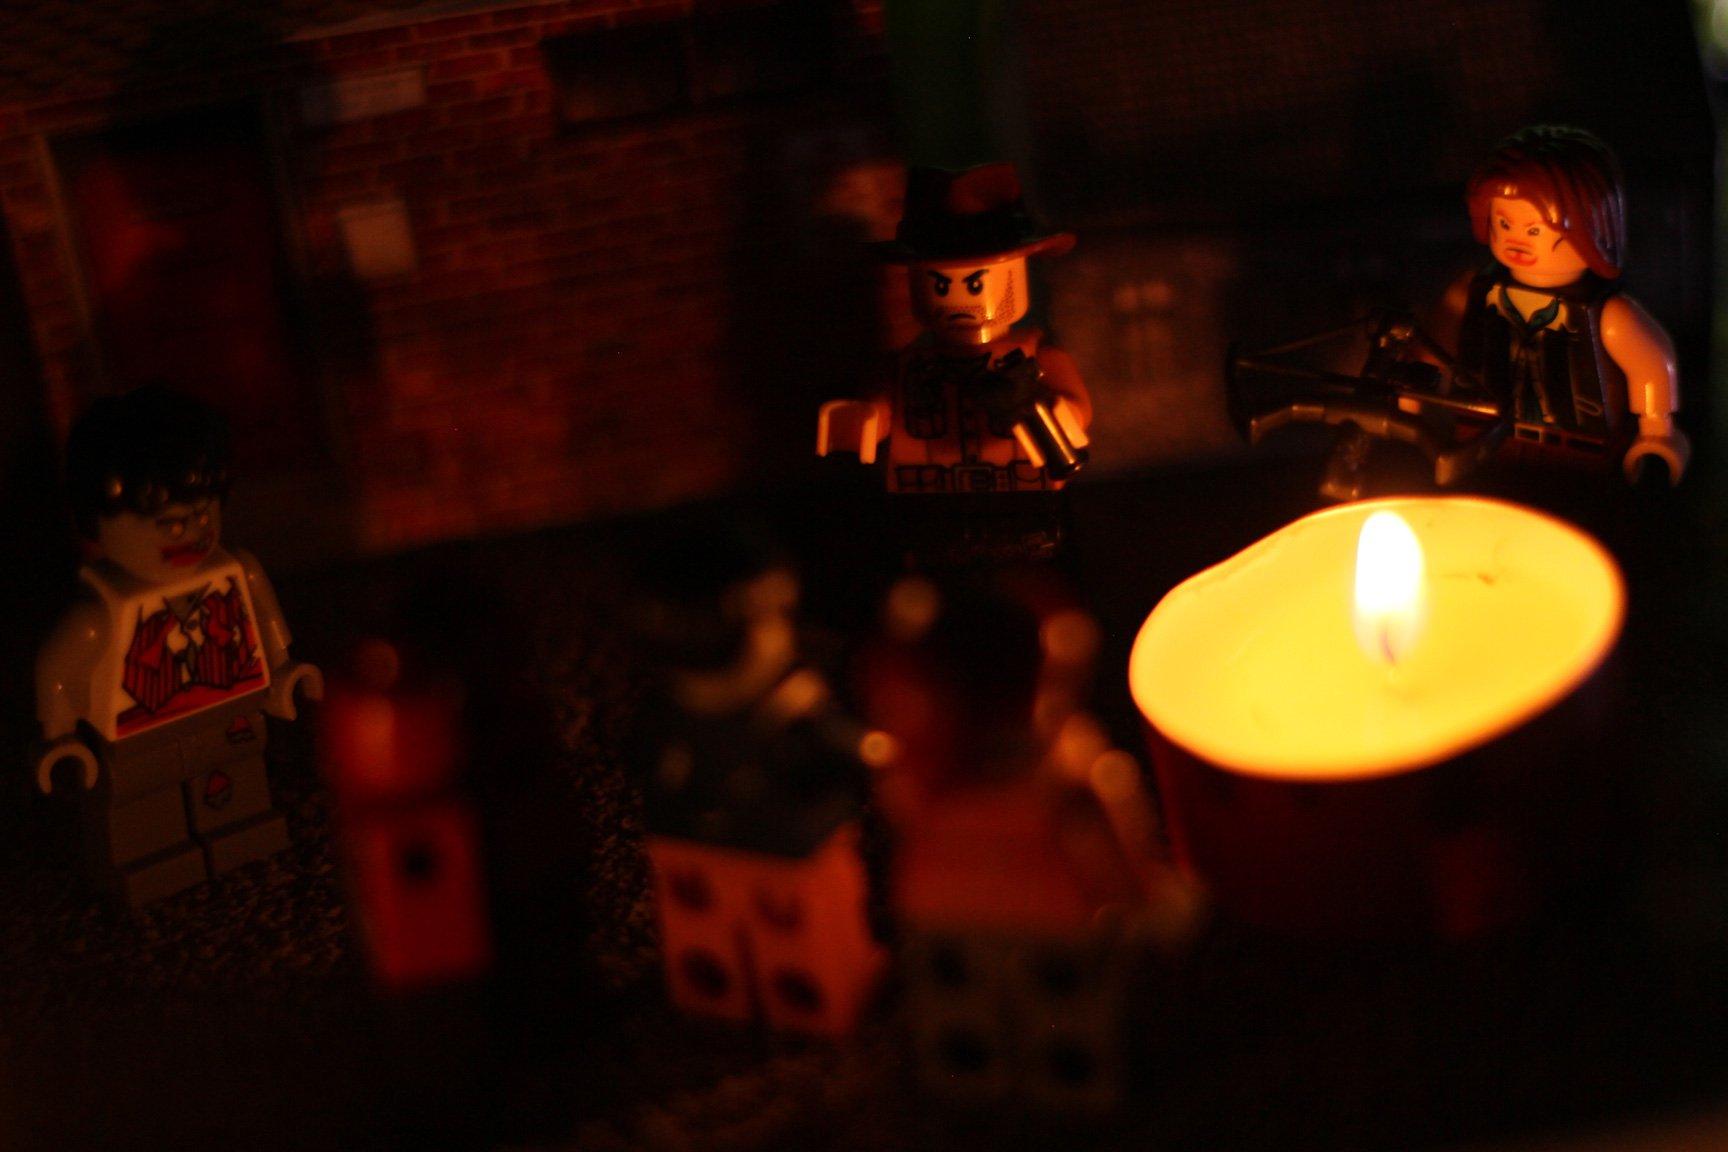 Série de fotos mostra brinquedos Lego em cenas reais